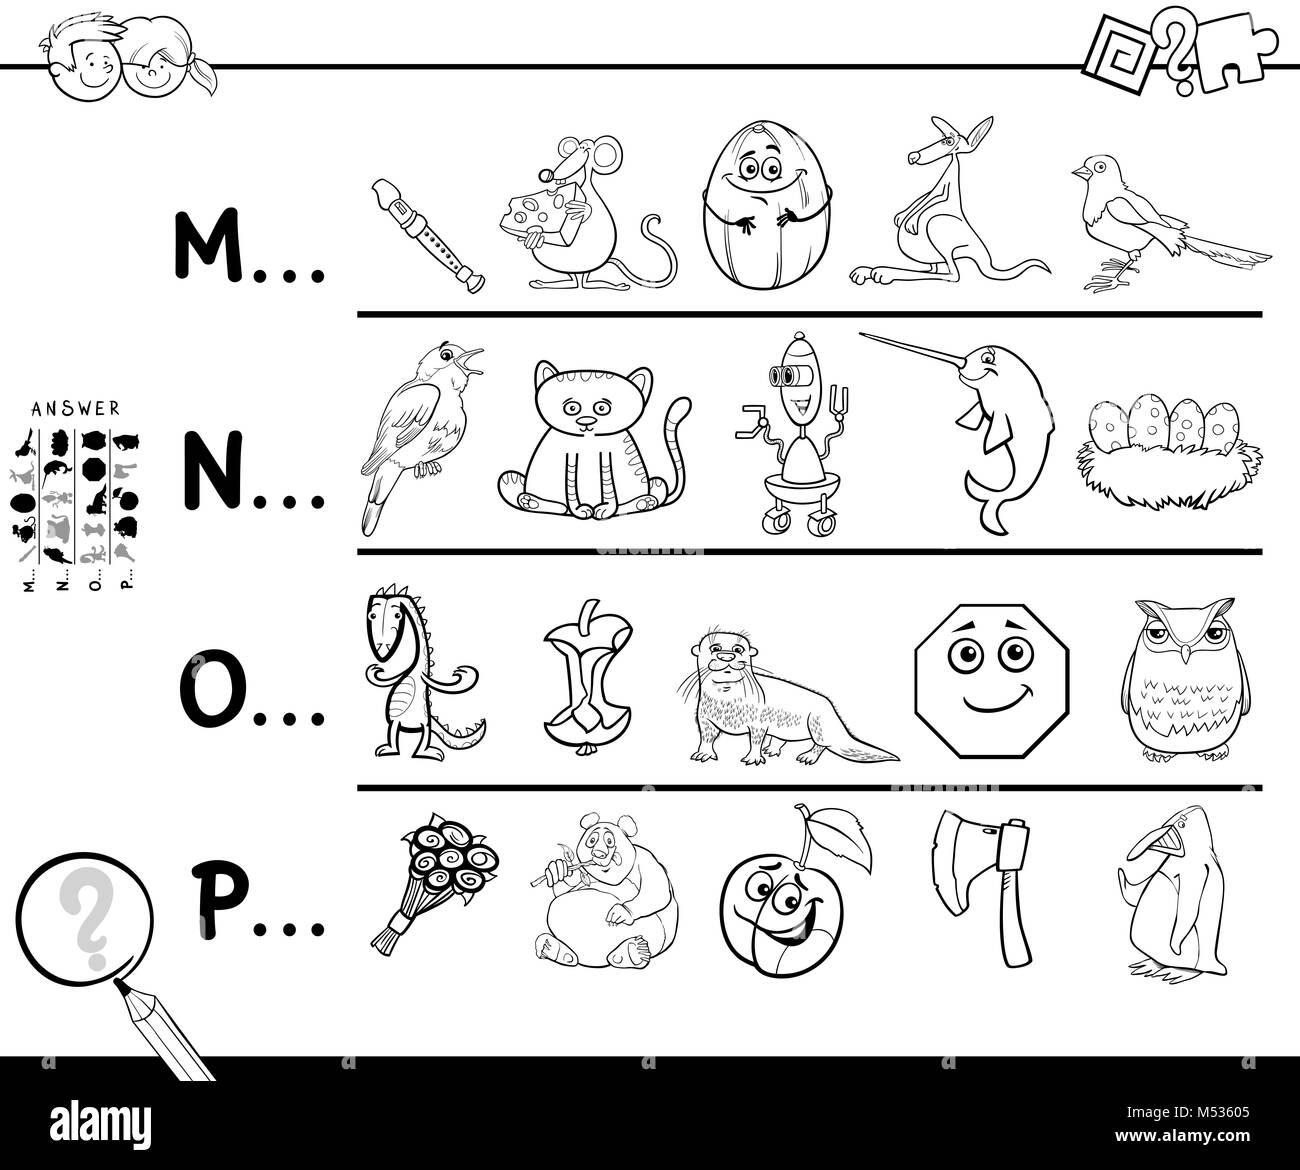 Único Guppies De Burbujas Imprimibles Para Colorear Molde - Dibujos ...